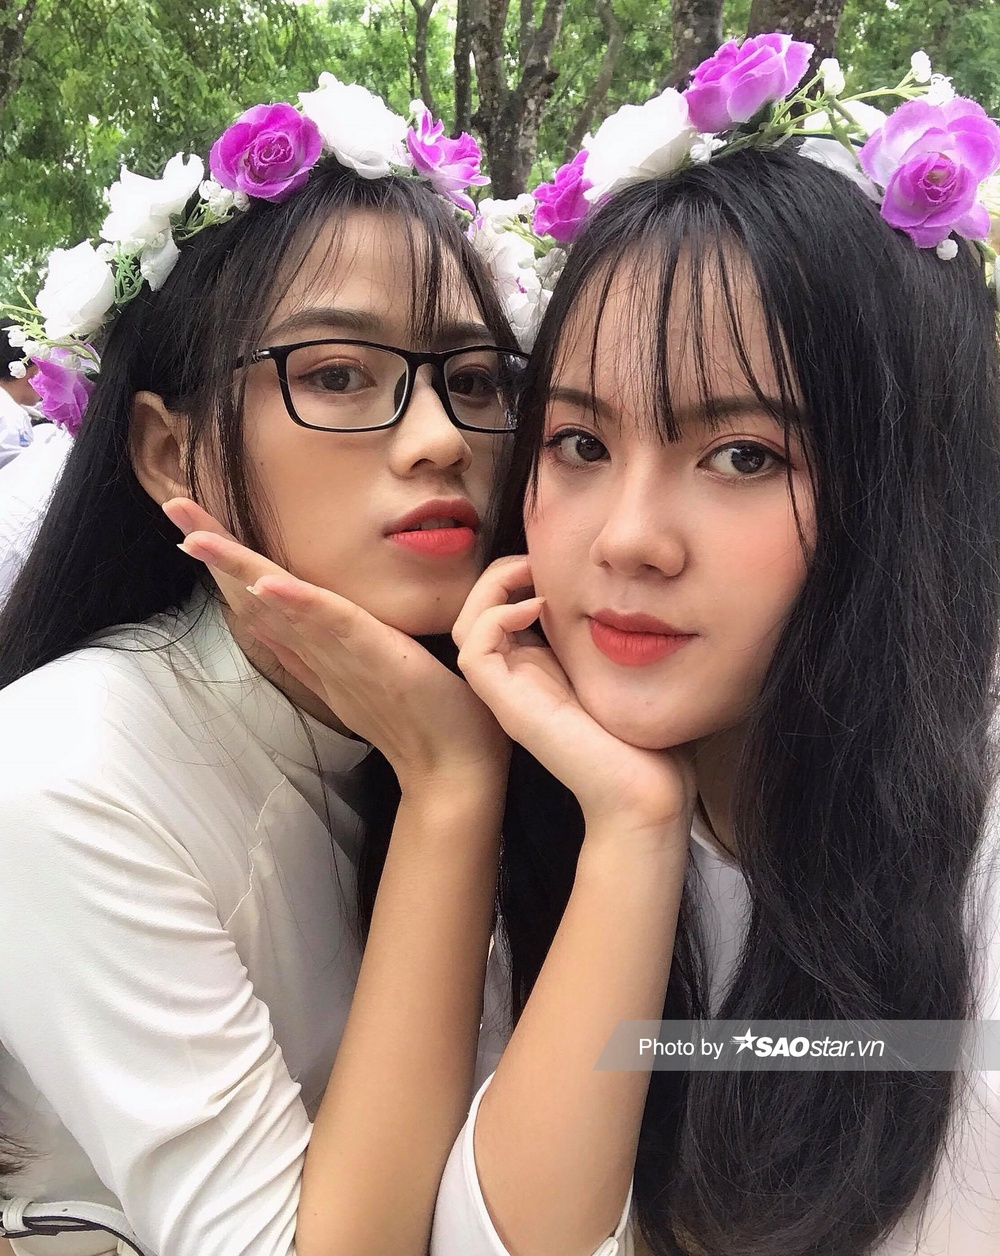 Bạn thân từ thời cấp 3 tiết lộ 'những điều đặc biệt' về tân Hoa hậu Việt Nam 2020 Đỗ Thị Hà Ảnh 2